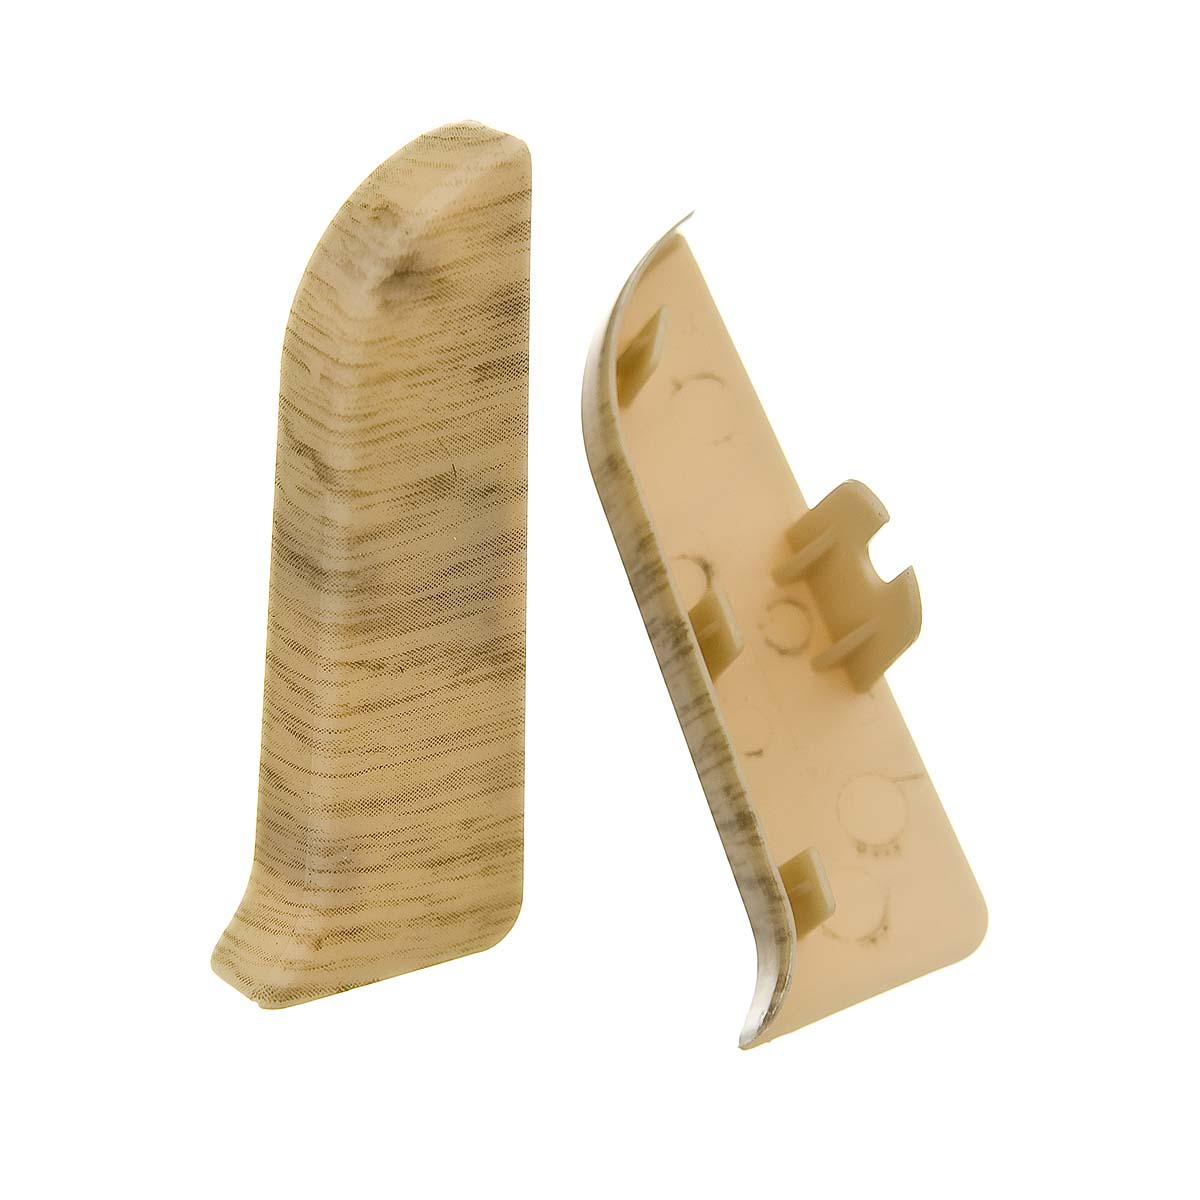 Заглушки торцевые (левая+правая) к плинтусу 68 мм дуб беленый Nexus